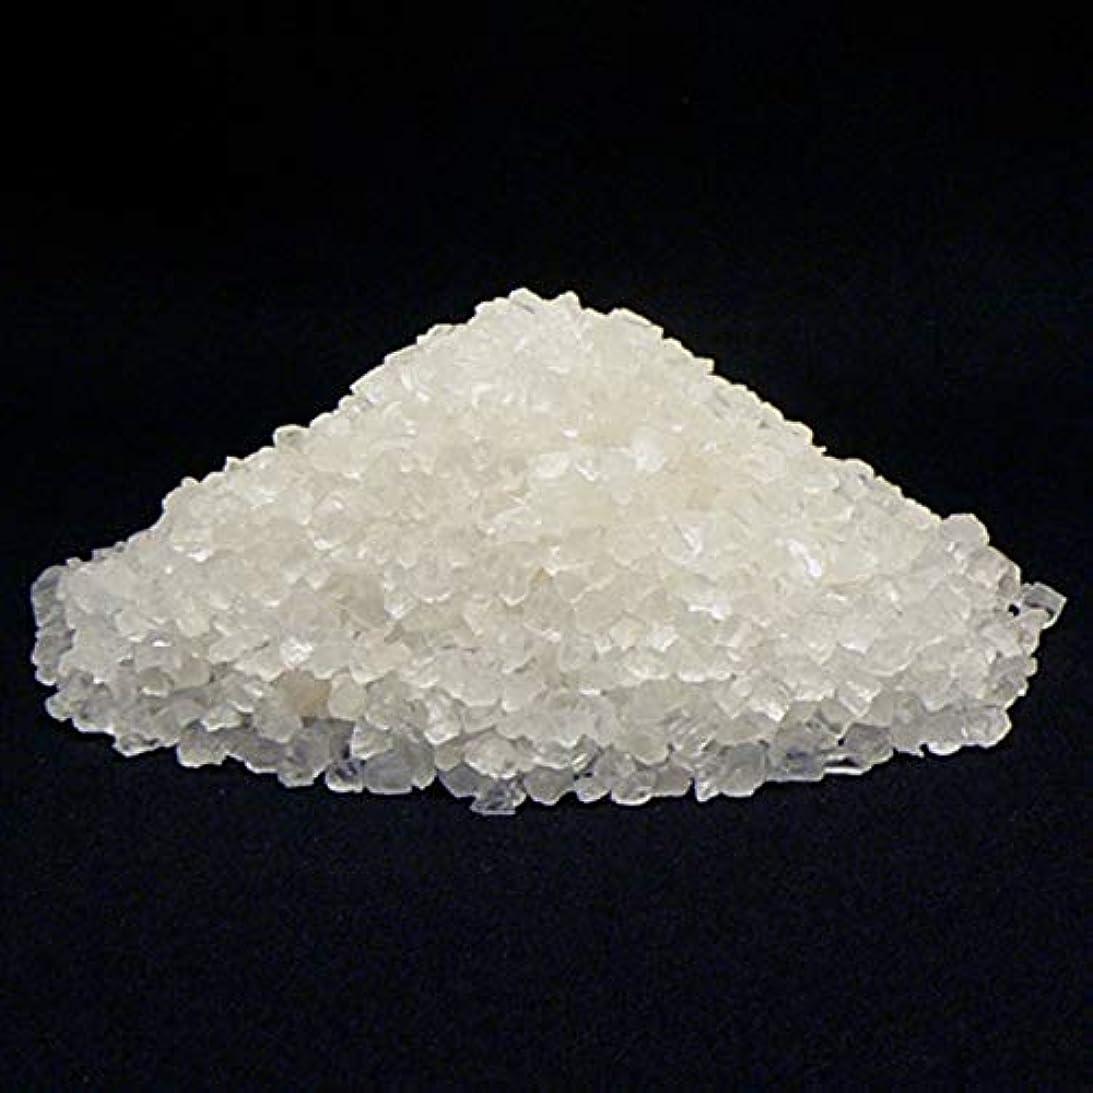 スキー思いやり重要なヒマラヤ岩塩 クリスタルソルト 入浴用 バスソルト(小粒)クリスタル岩塩 白岩塩 (1kg+250g増量)